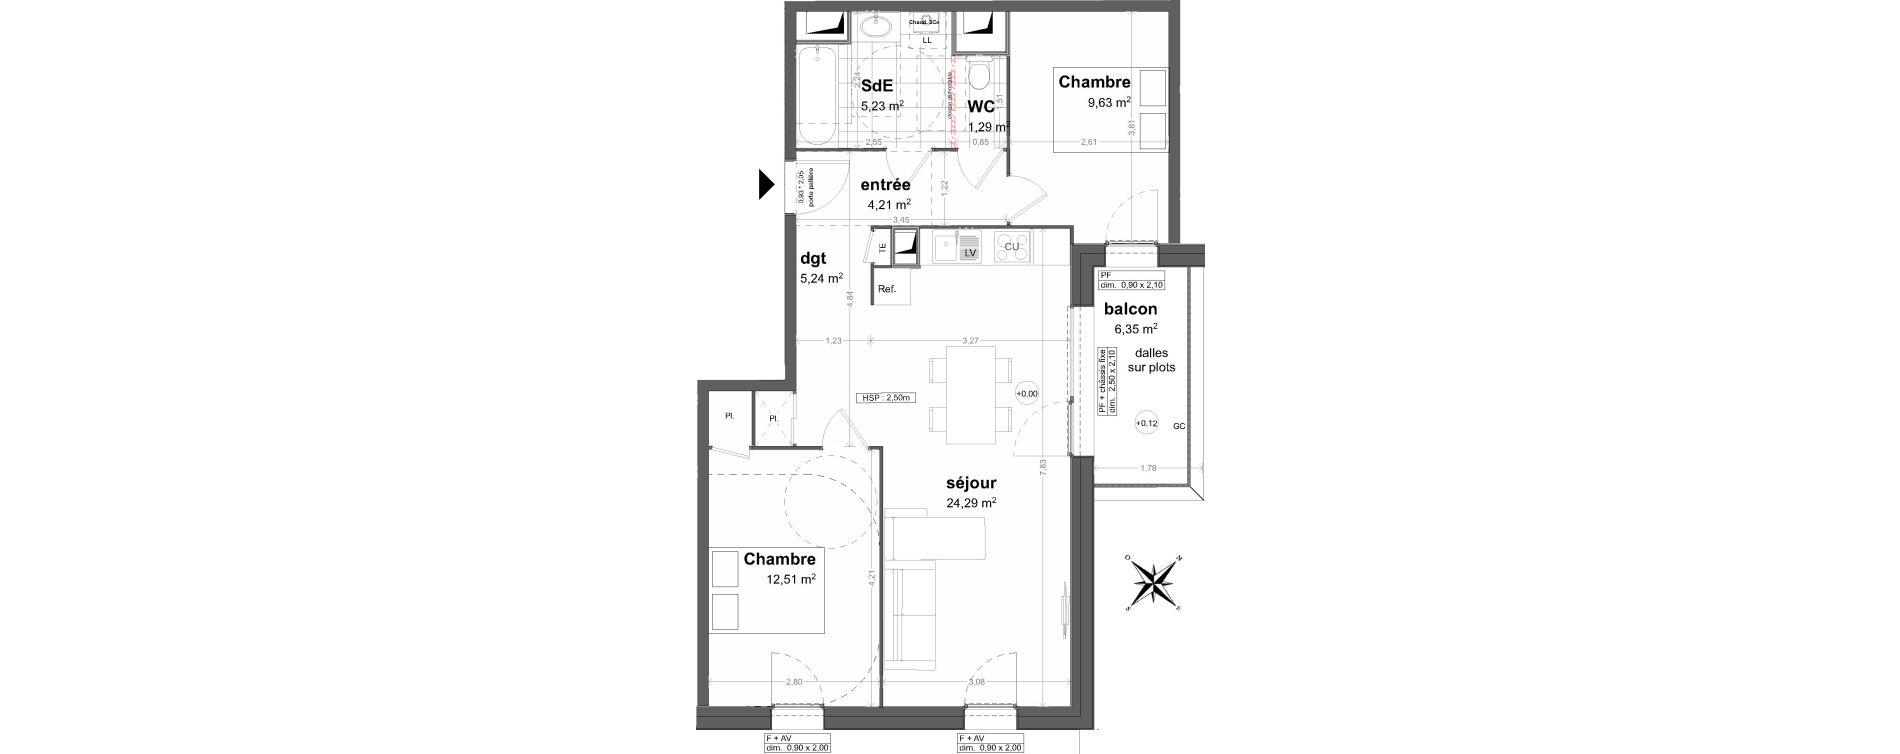 Appartement T3 de 62,40 m2 à Saint-Malo Saint-servan - solidor